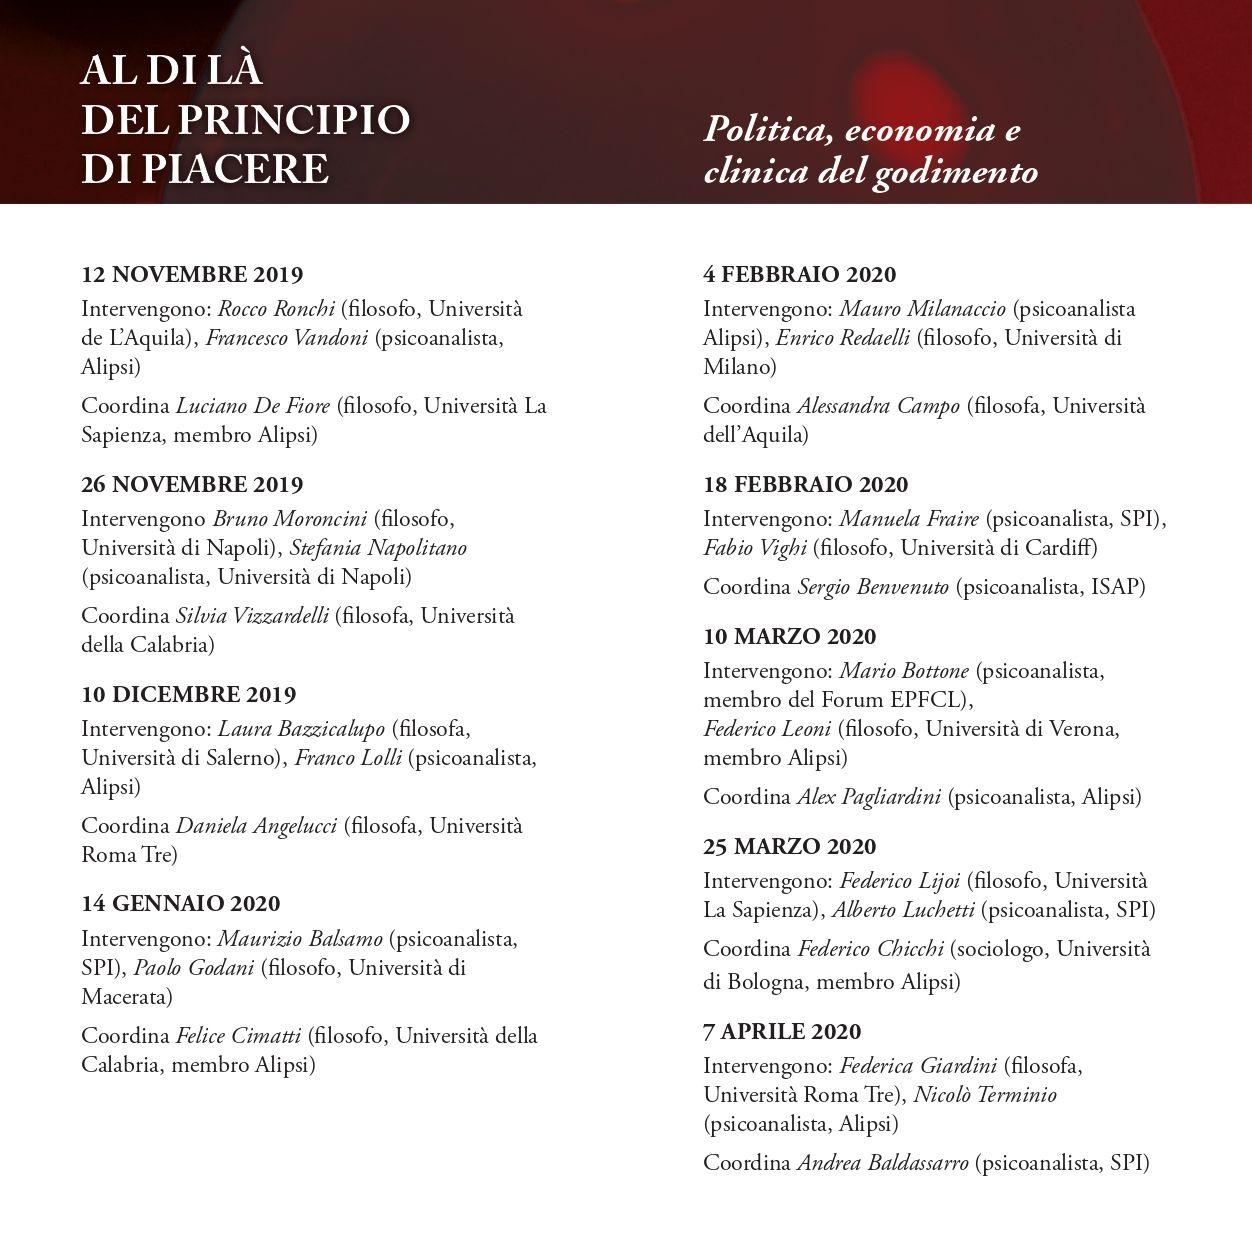 aldila-del-principio-di-piacere-seminario-alipsi-2_page-0002